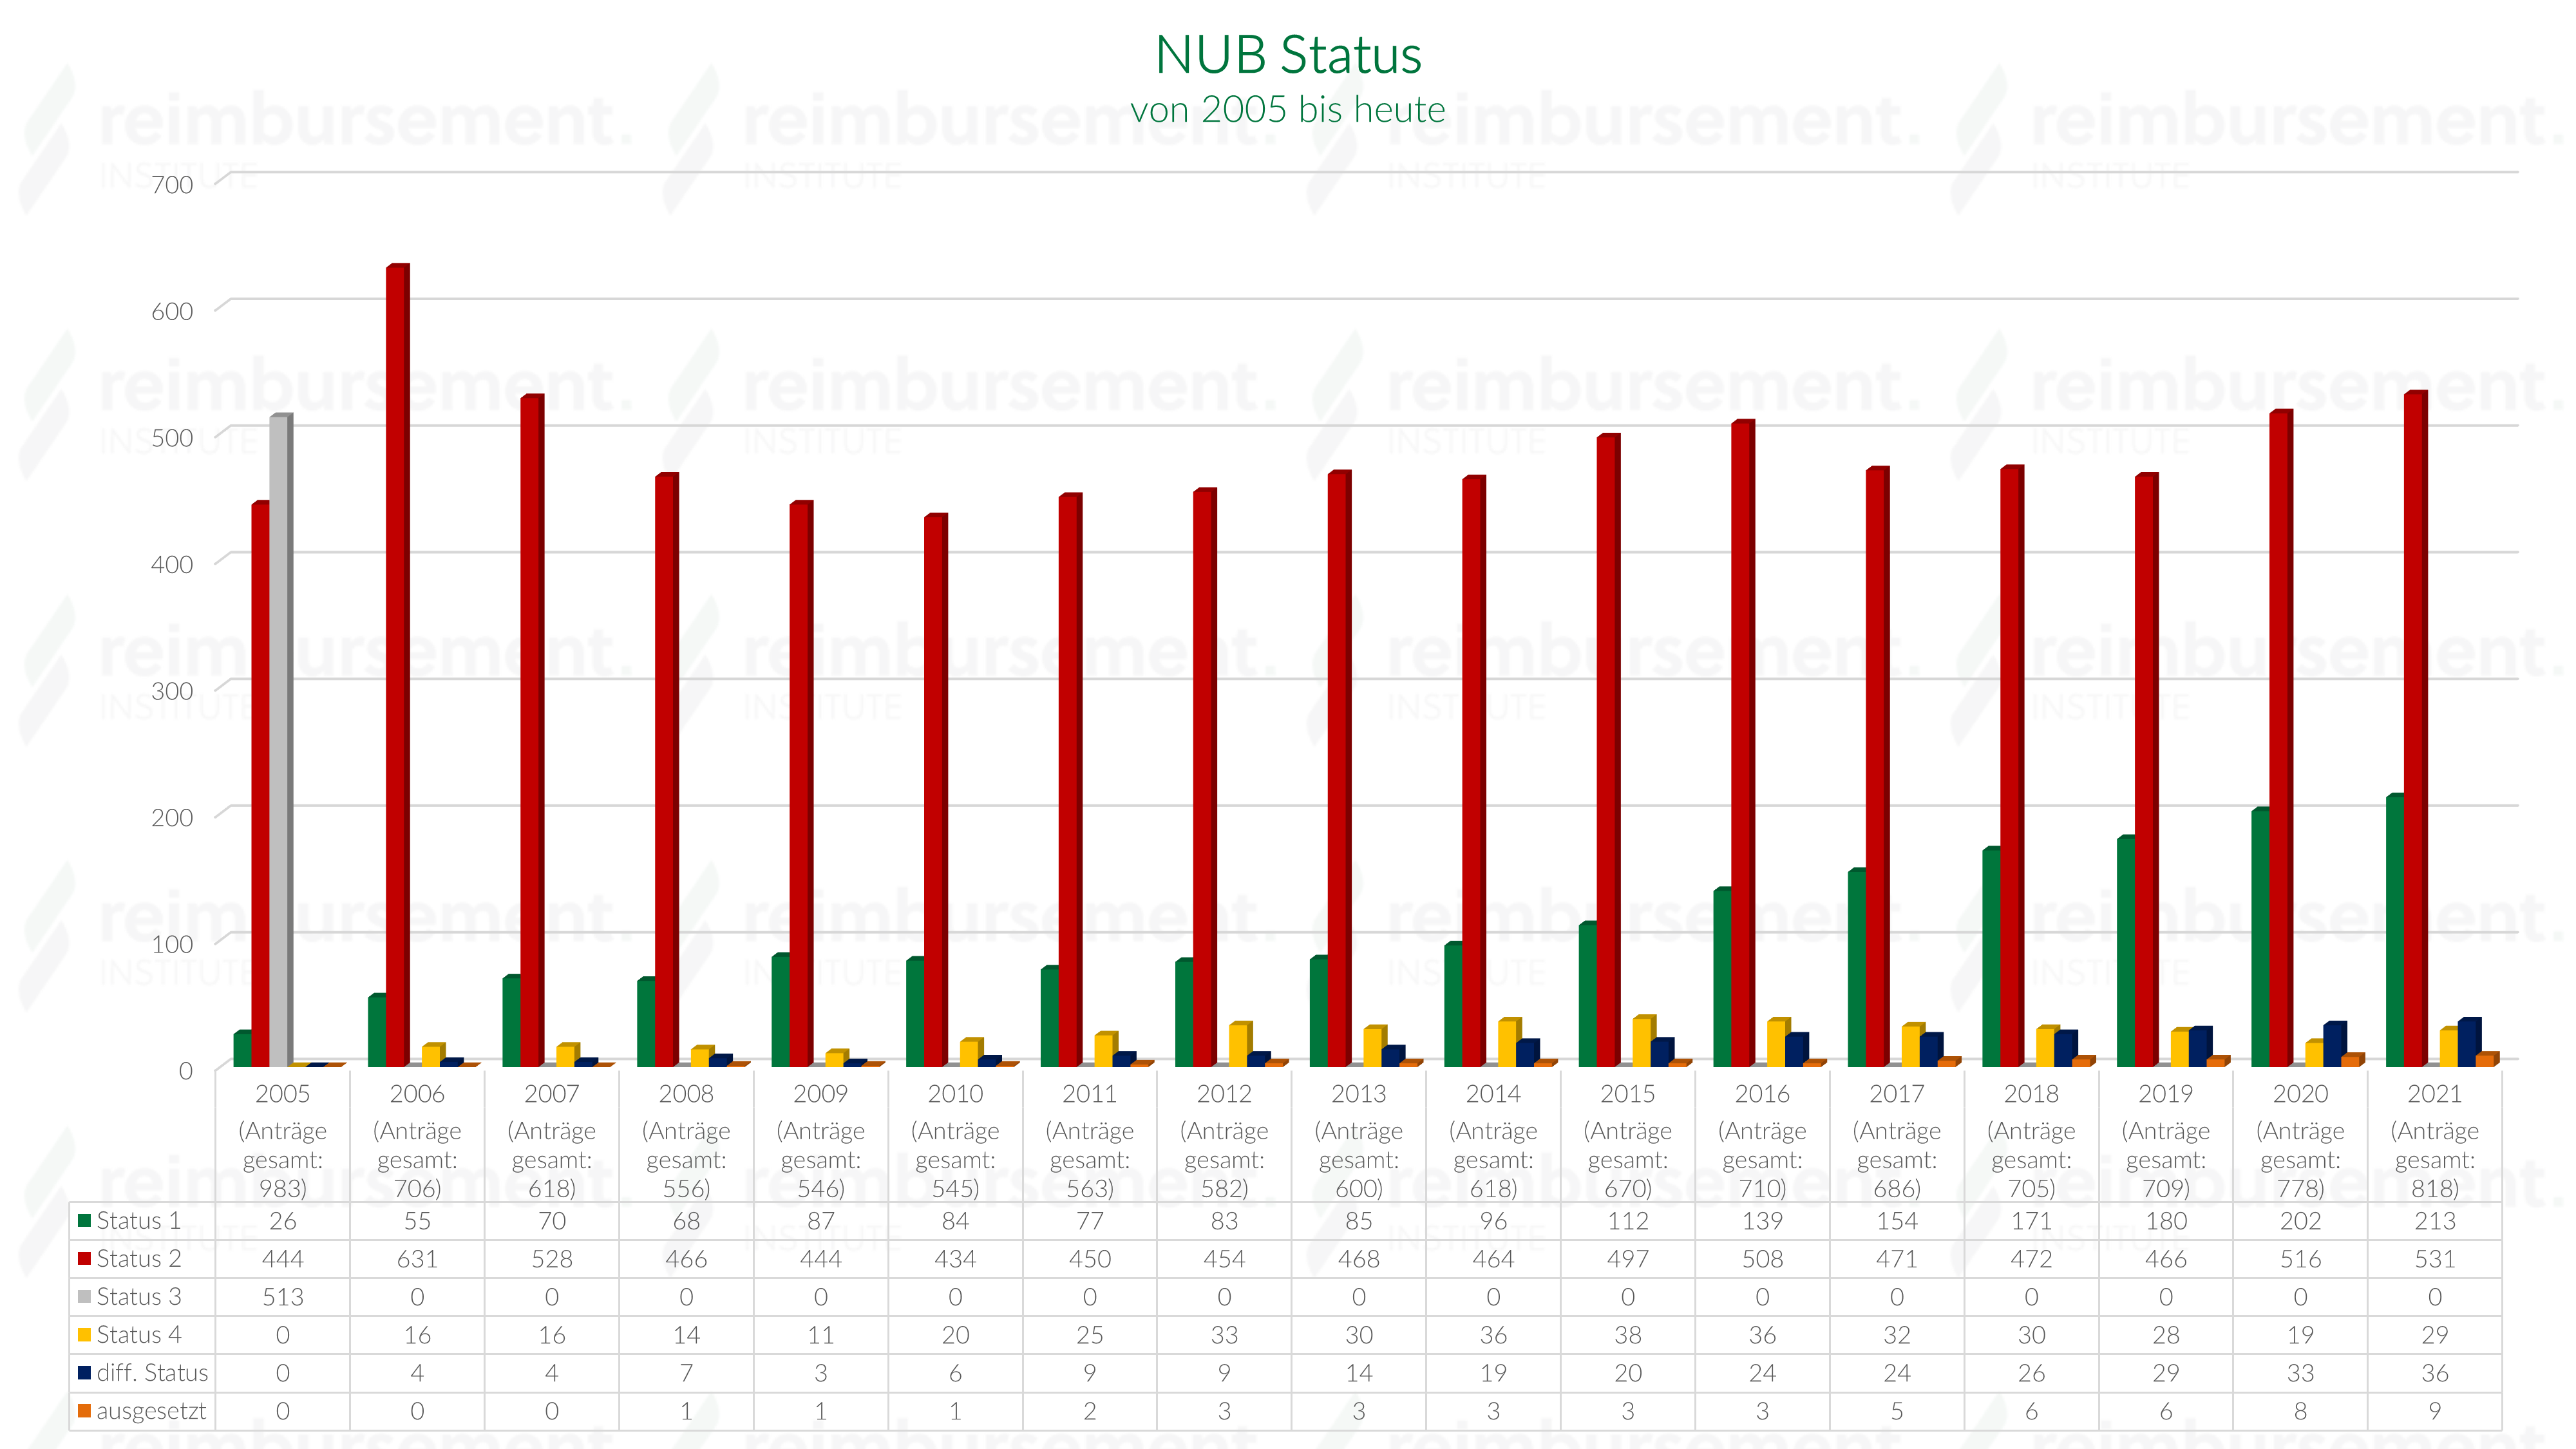 NUB Status seit 2005